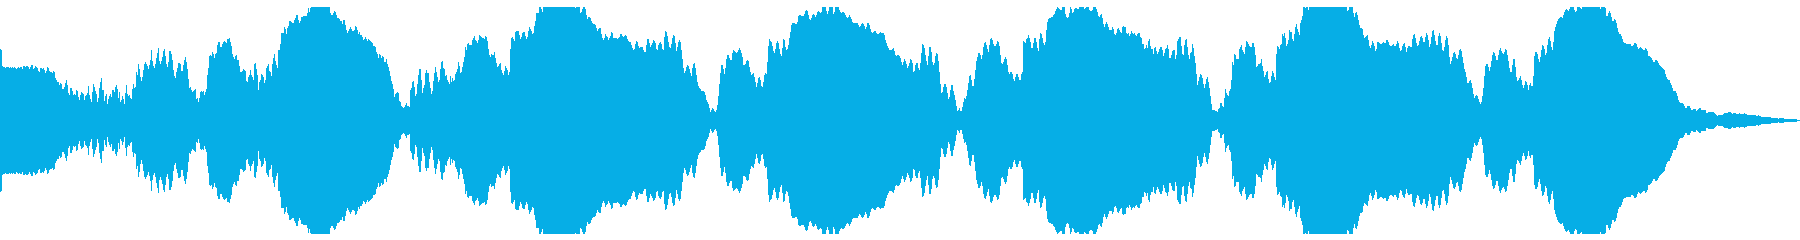 テキストグローゴングパルスの再生済みの波形